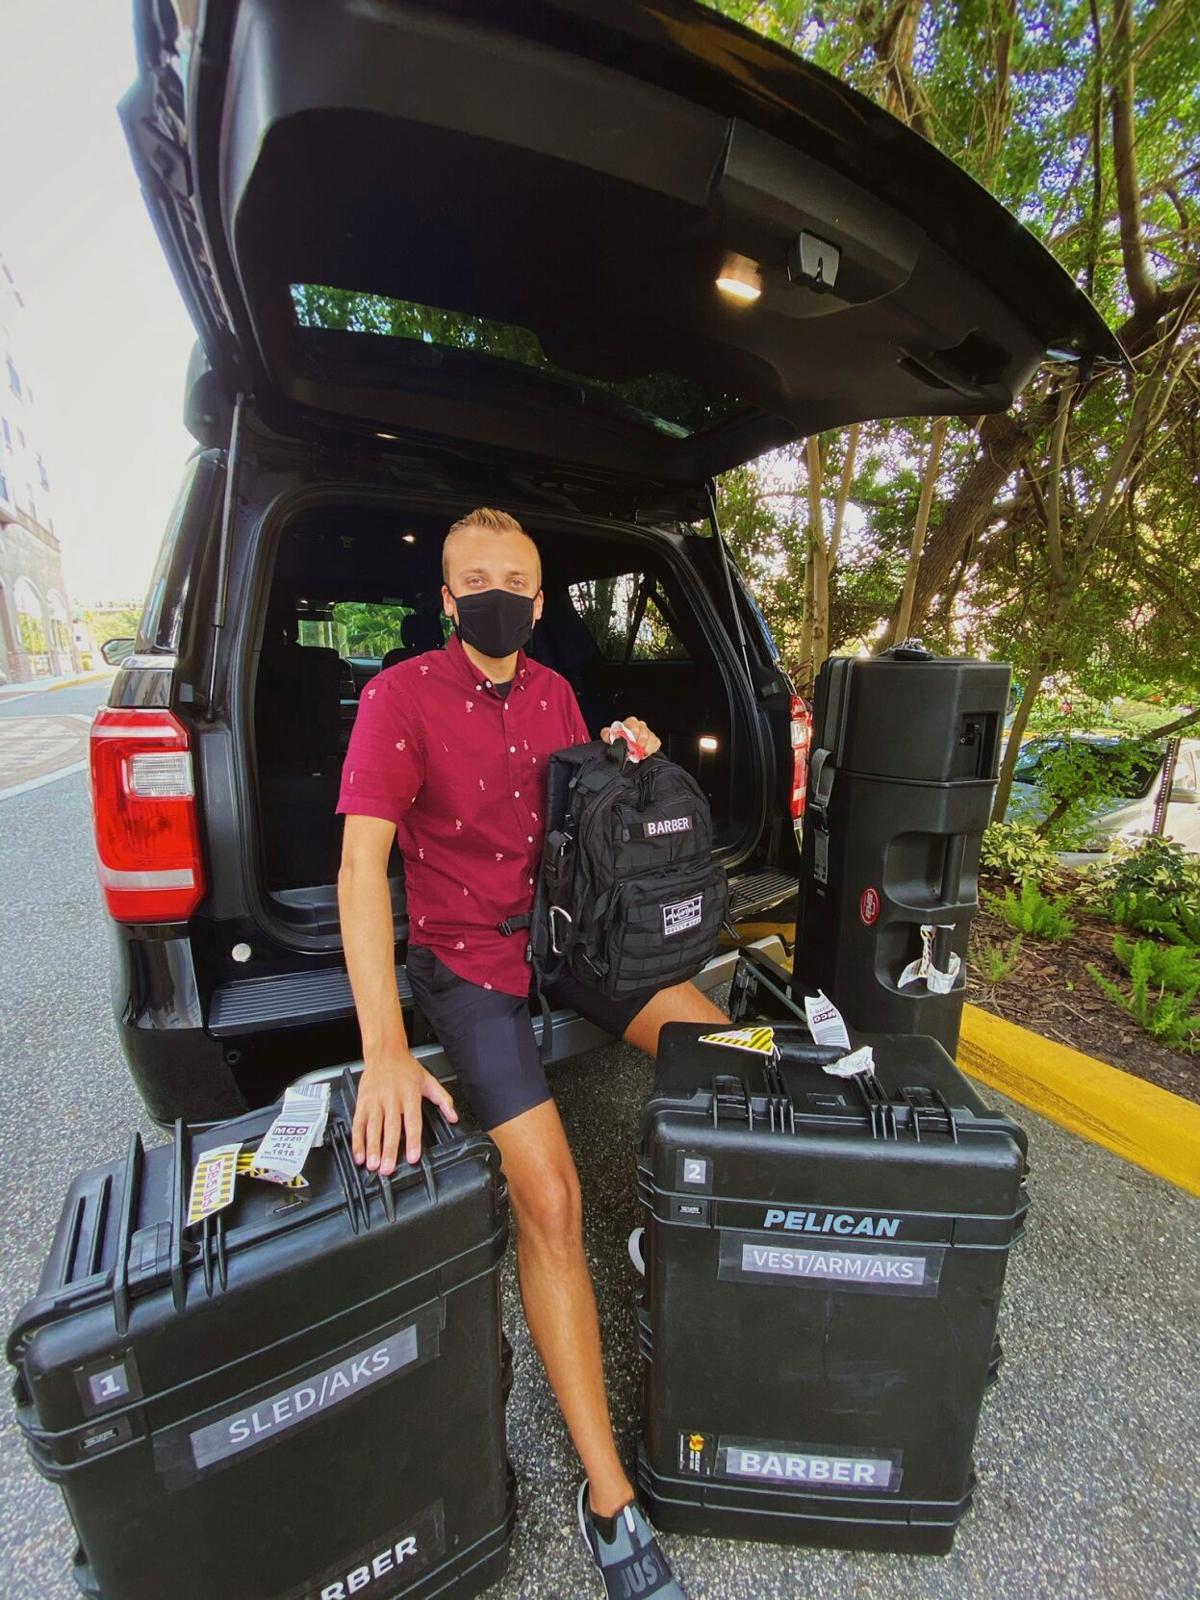 Kenton Barber Luggage